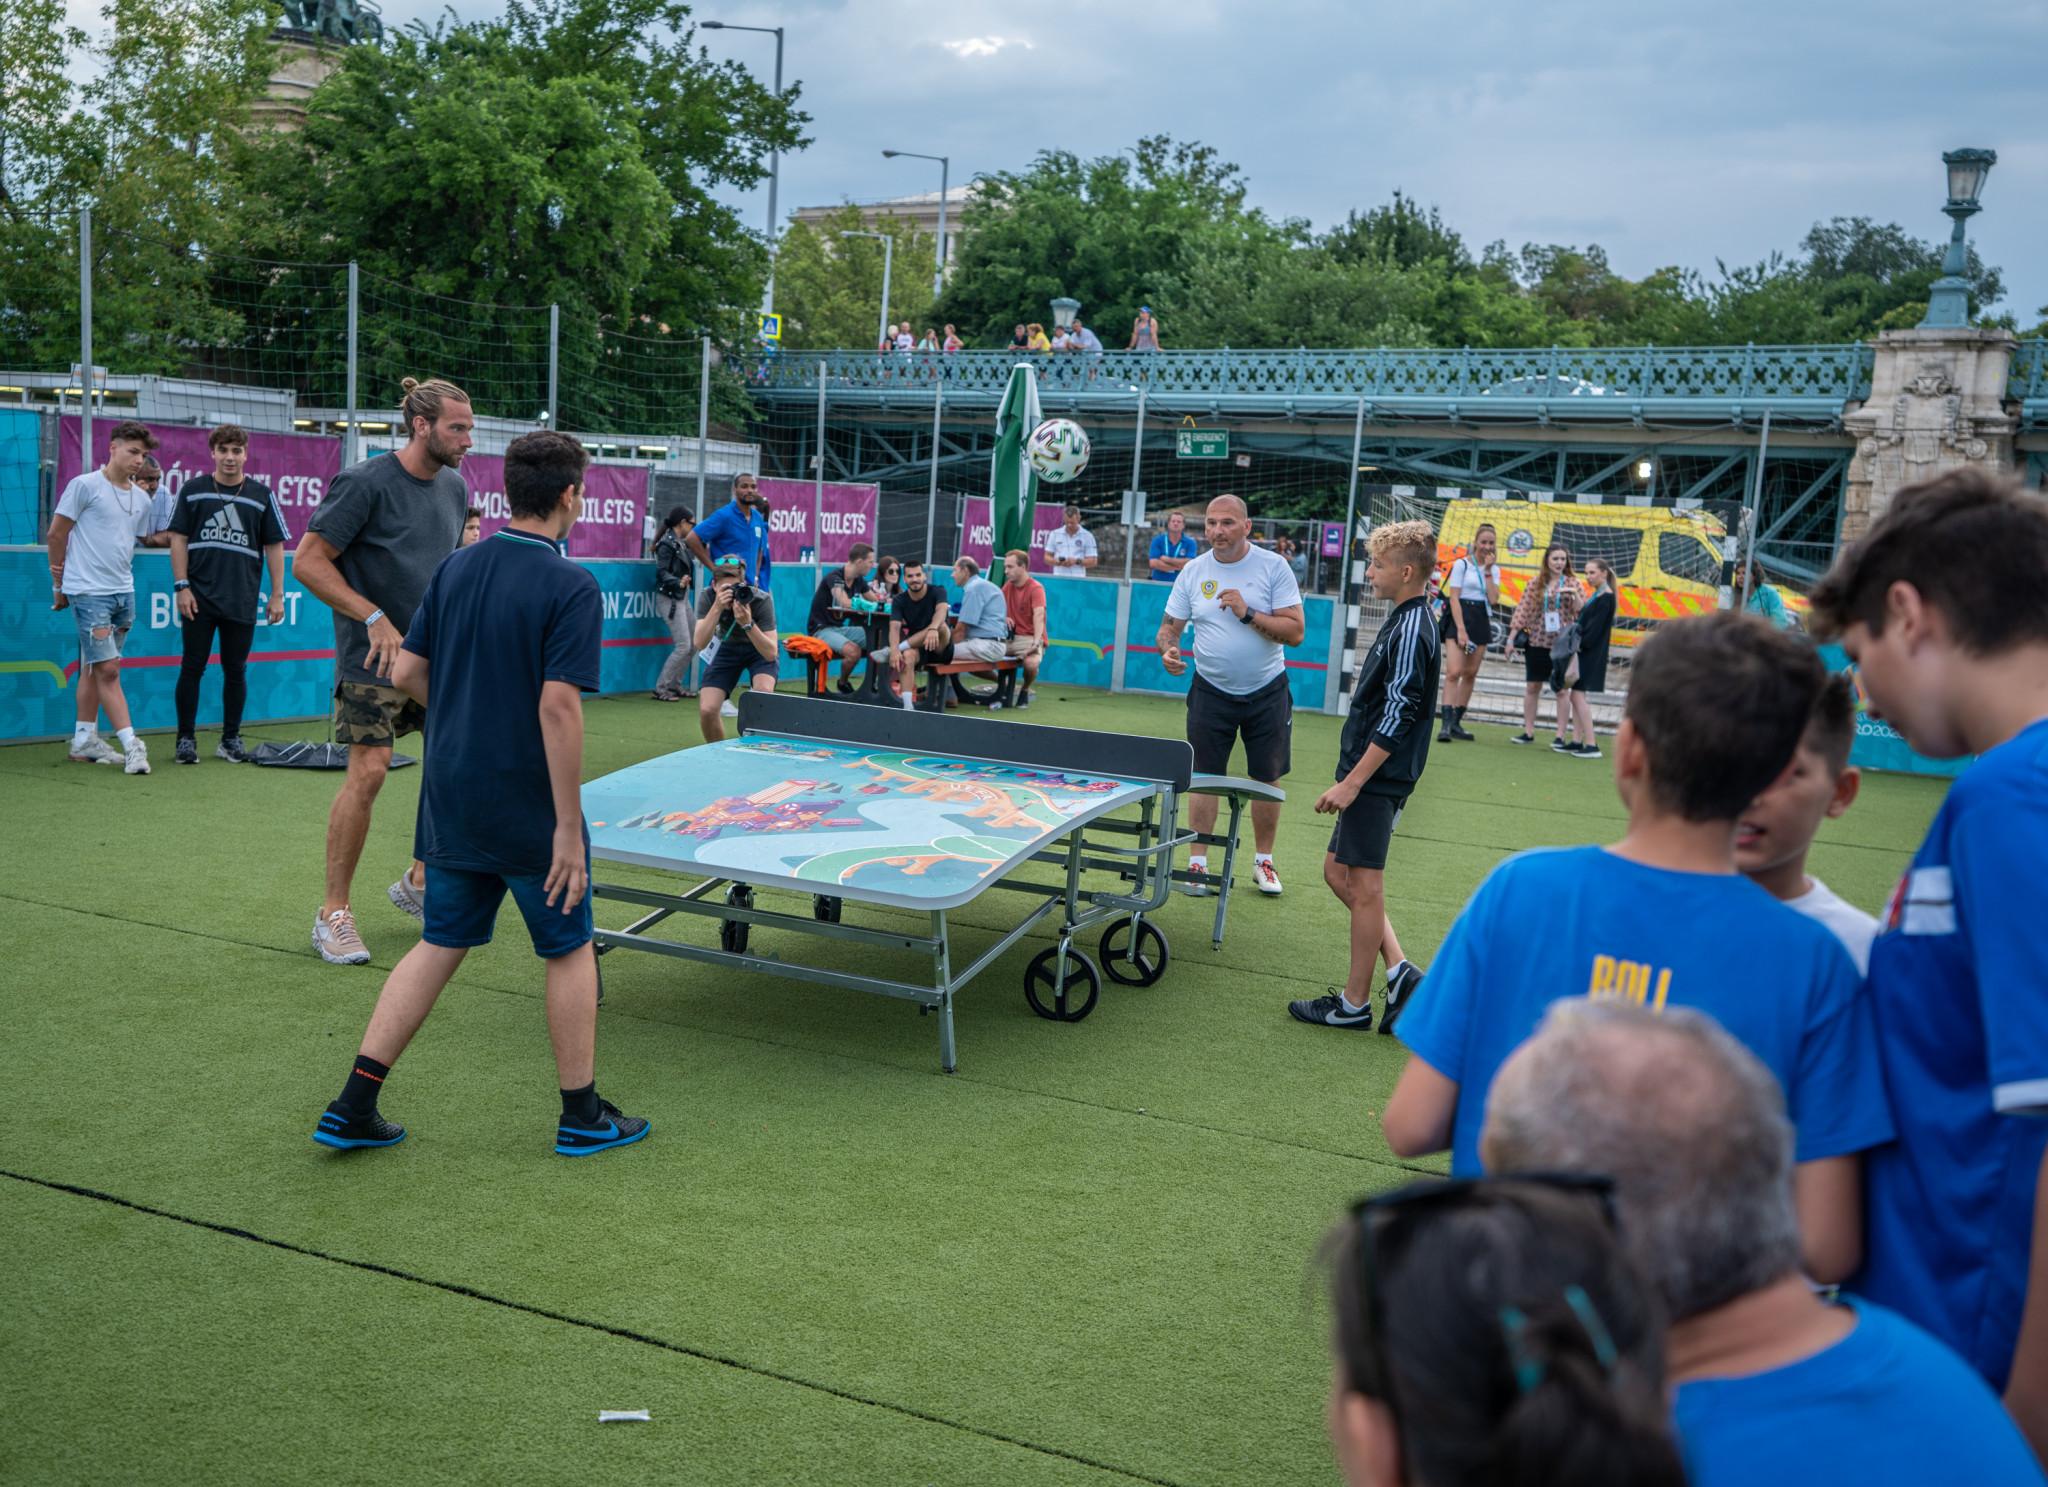 FITEQ congratulates participants in record-breaking teqball match